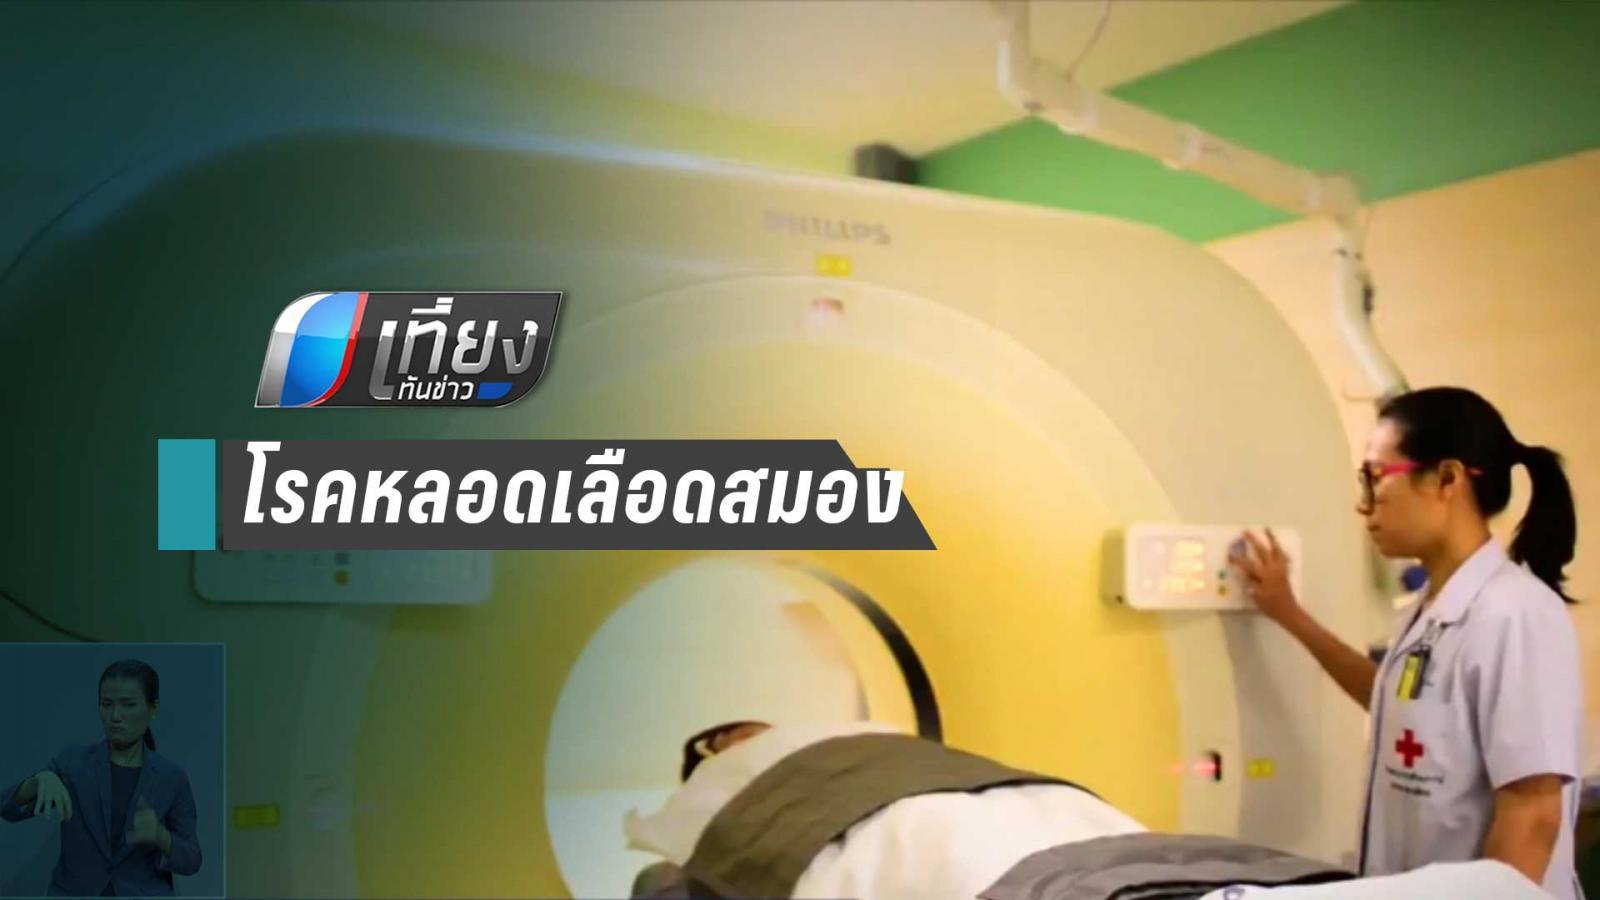 6 วินาที โลกเสียชีวิต 1 คน โรคหลอดเลือดสมอง